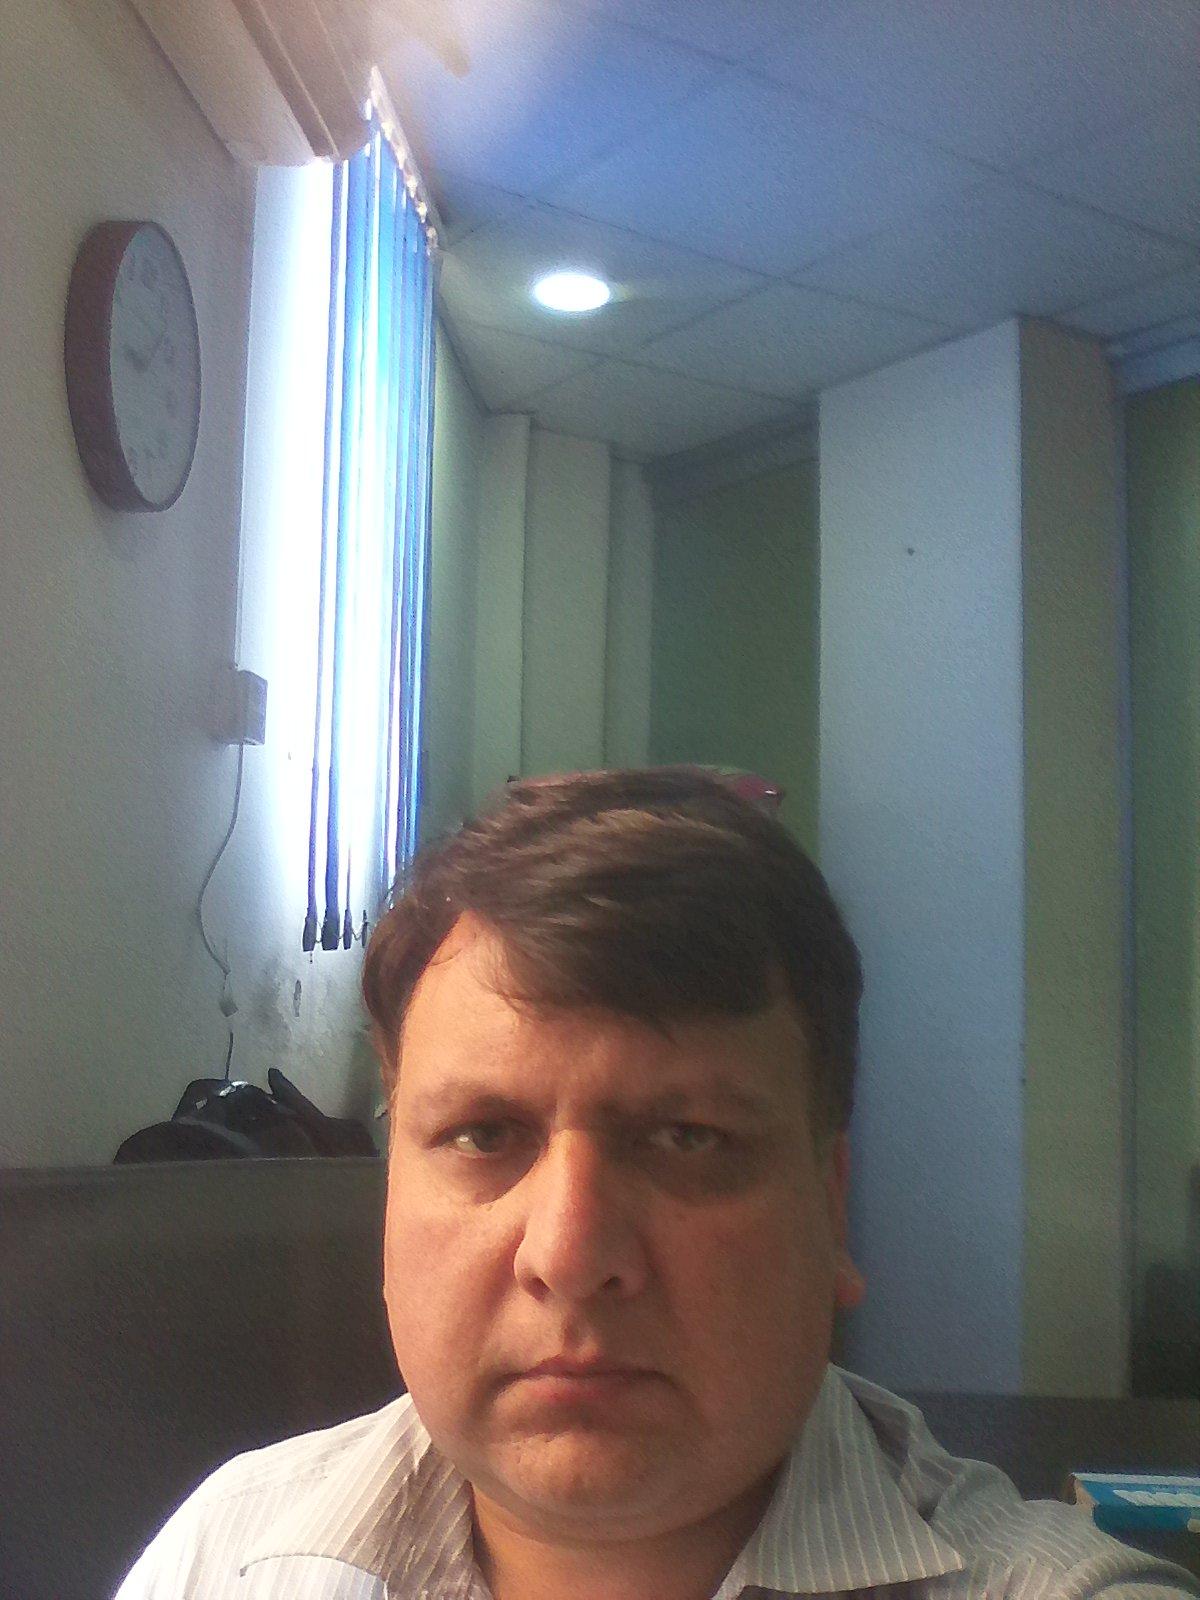 Dr. Bashir Ur Rahman